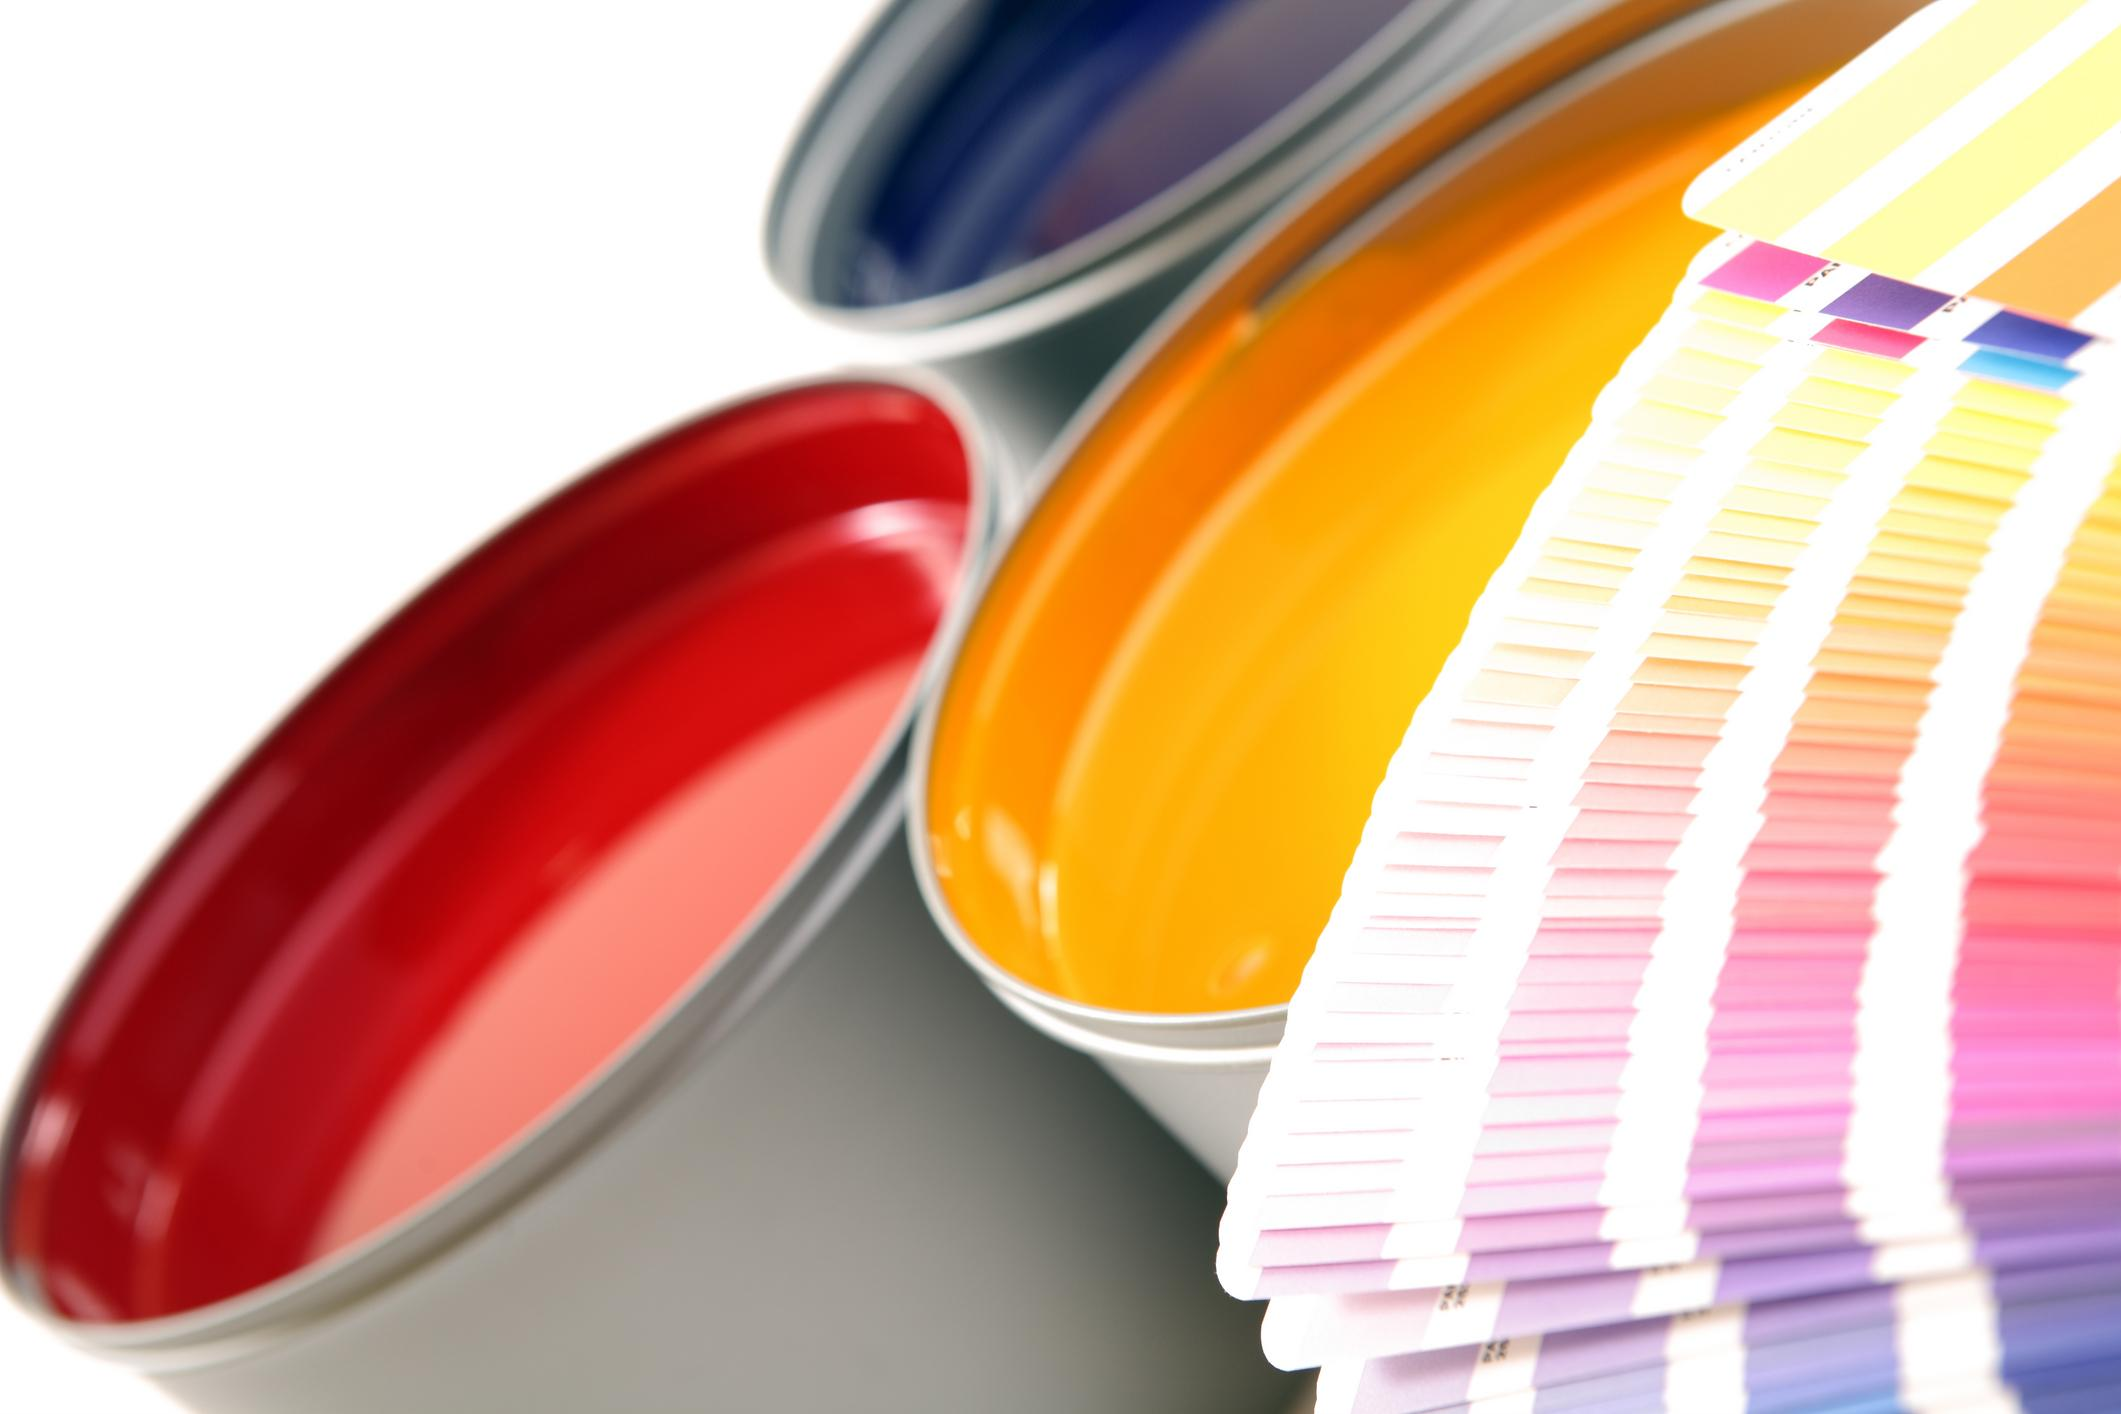 粉末涂料的发展带动粉体填料需求量增长